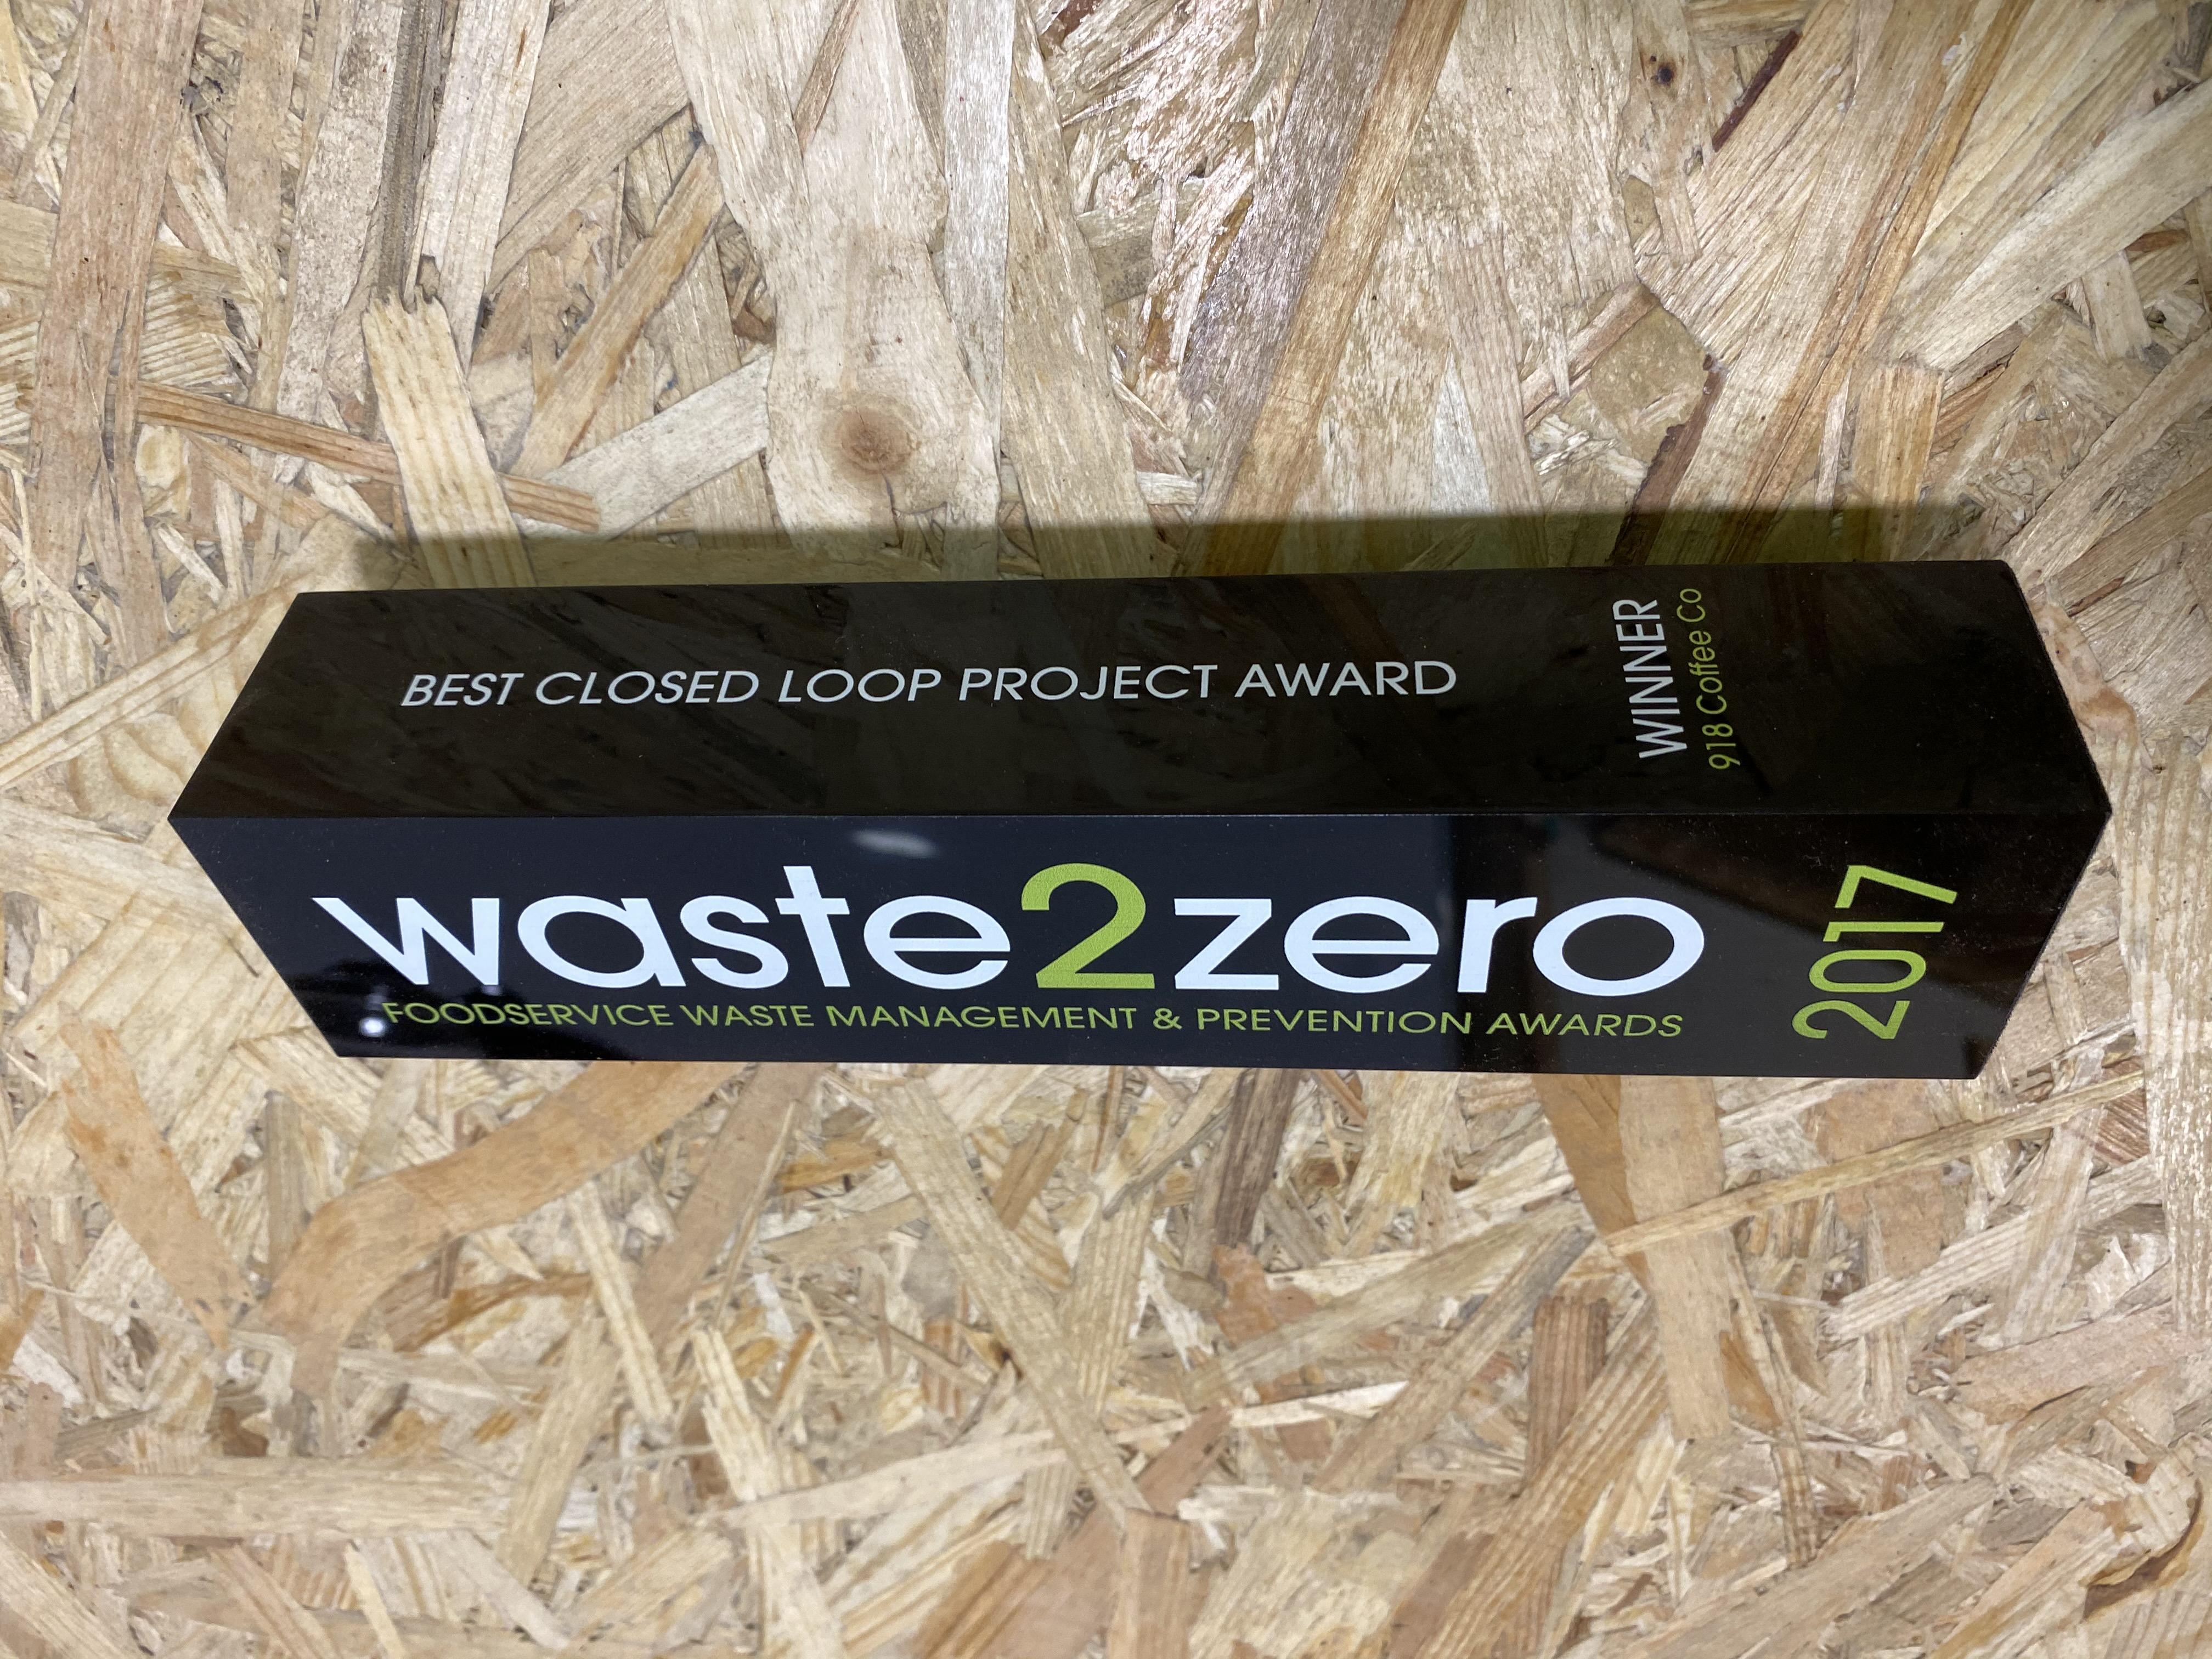 Waste 2 Zero Award 2017